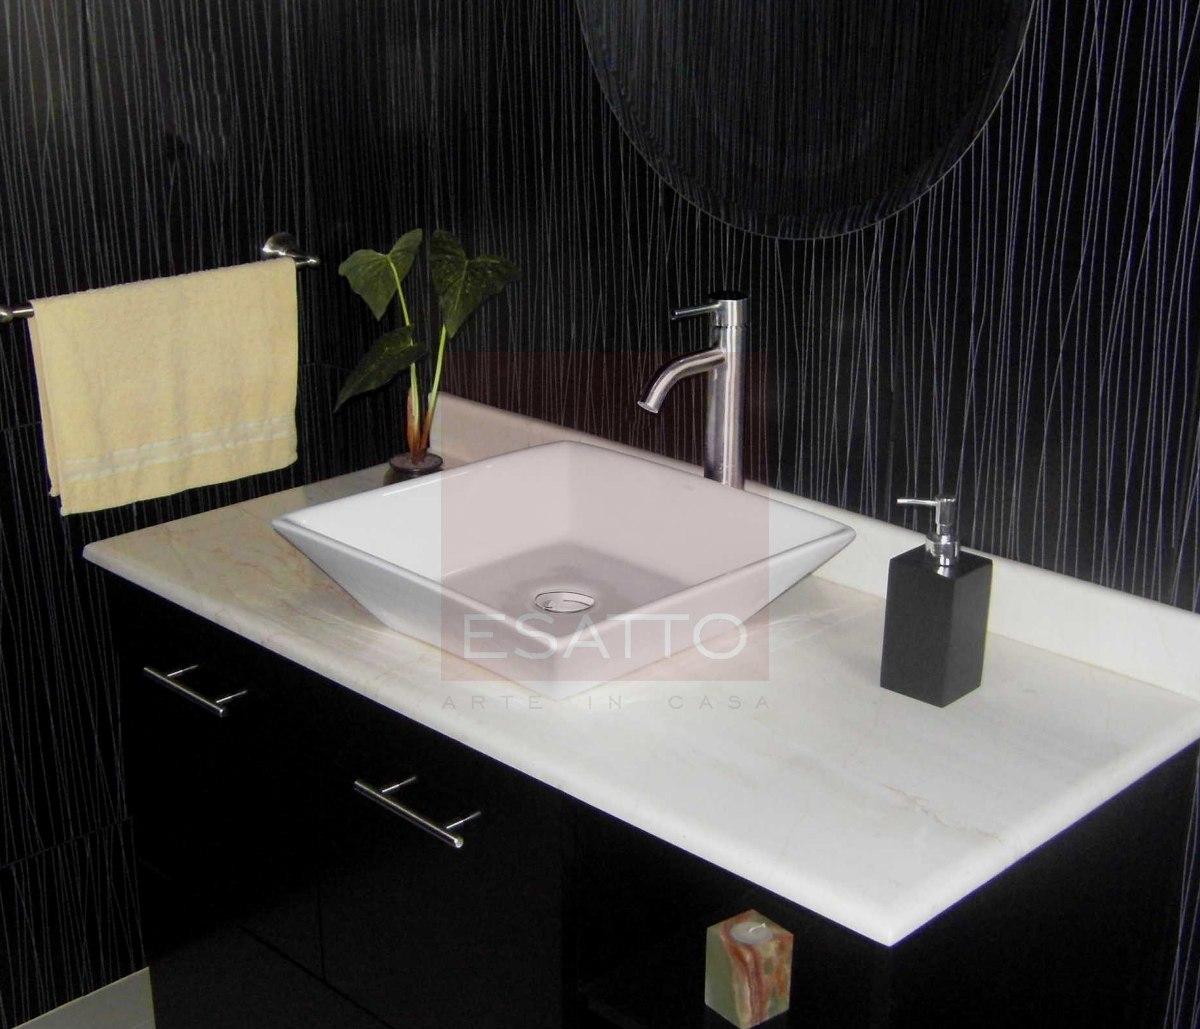 Esatto kit maya paquete de lavabo llave ba o cespol for Lavabo para bano precio